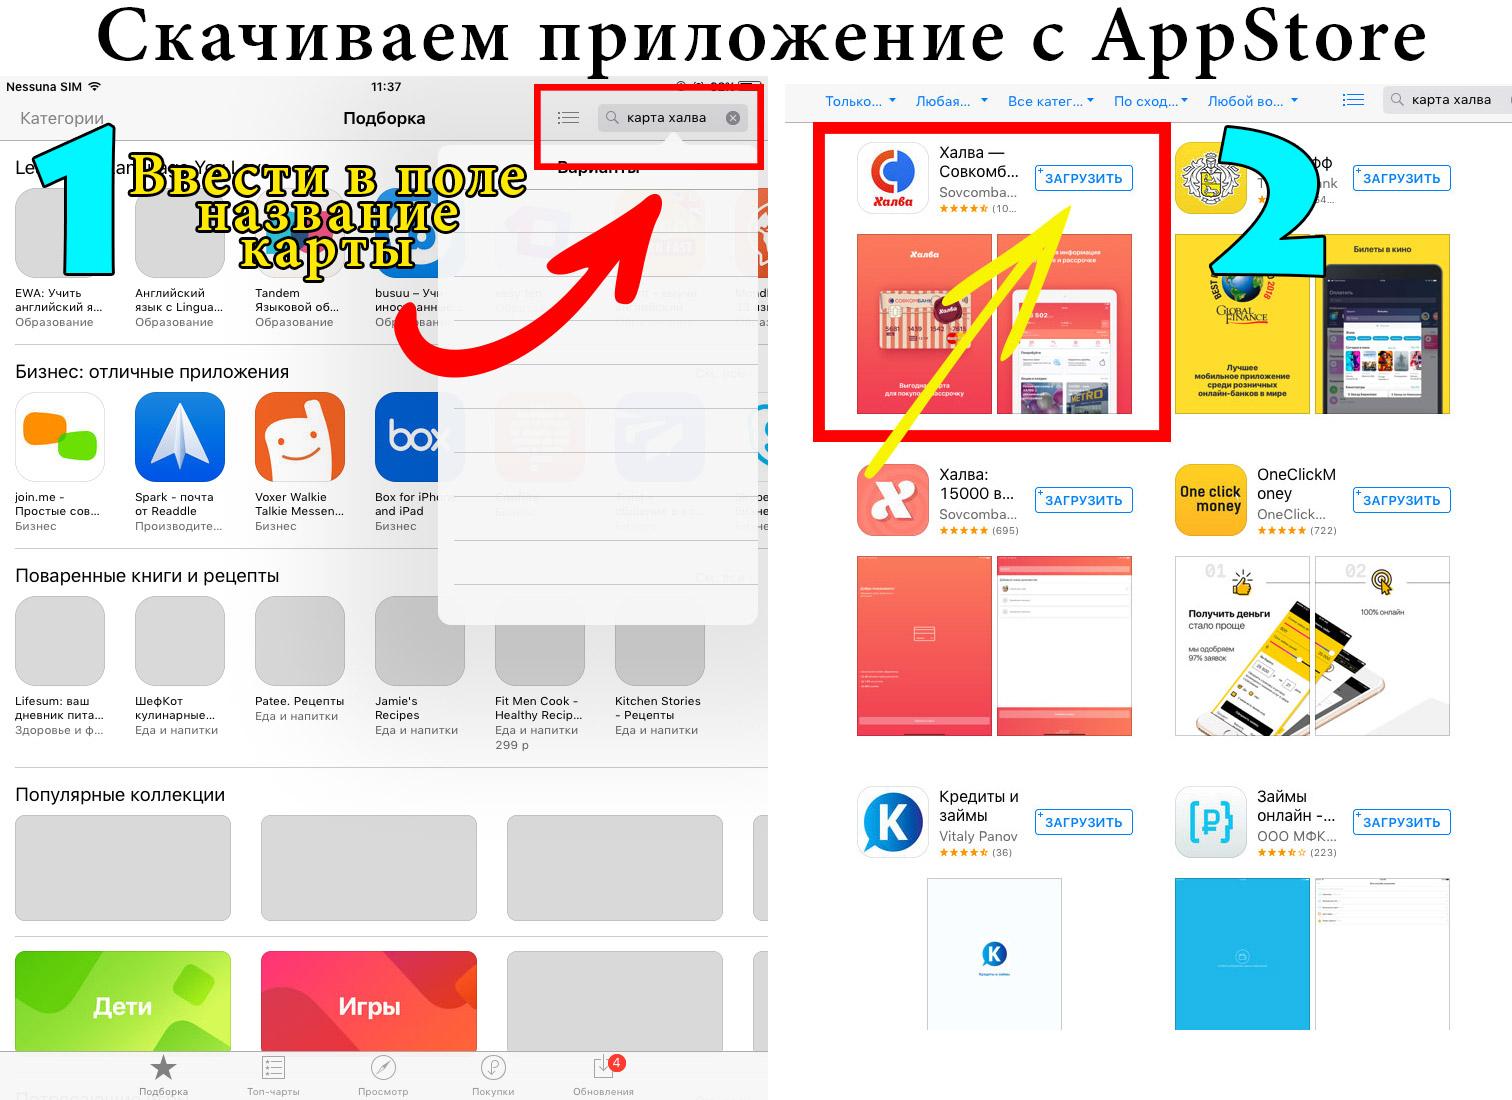 Мобильное приложение карты Халва. Скачивает-приложение-с-Appstore 2